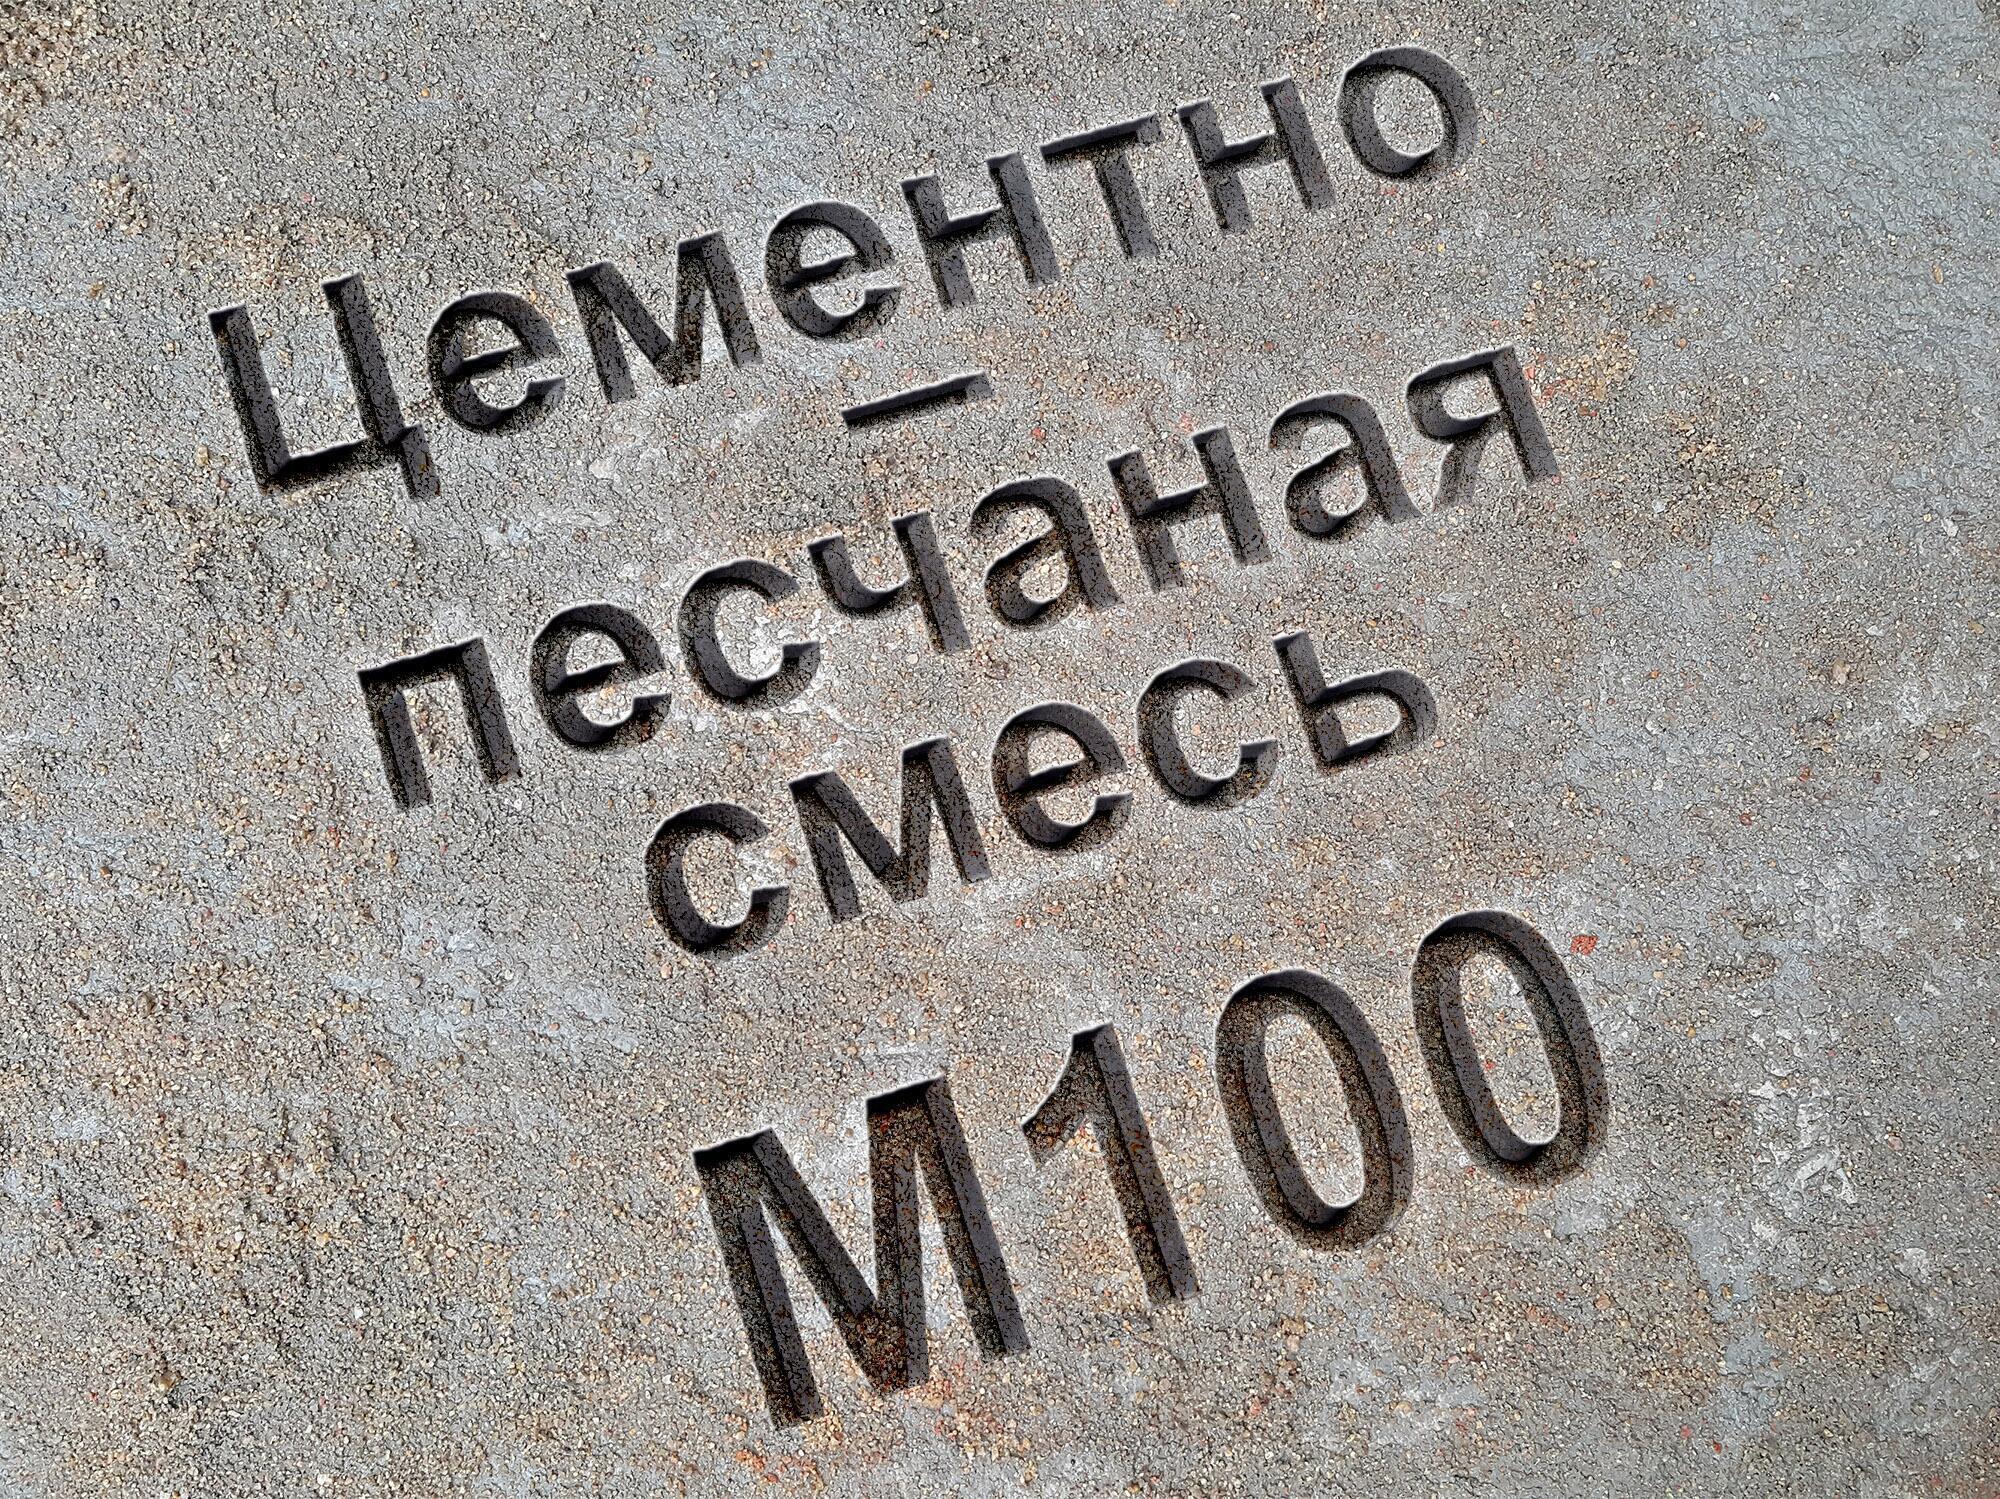 цементно бетонная смесь что это